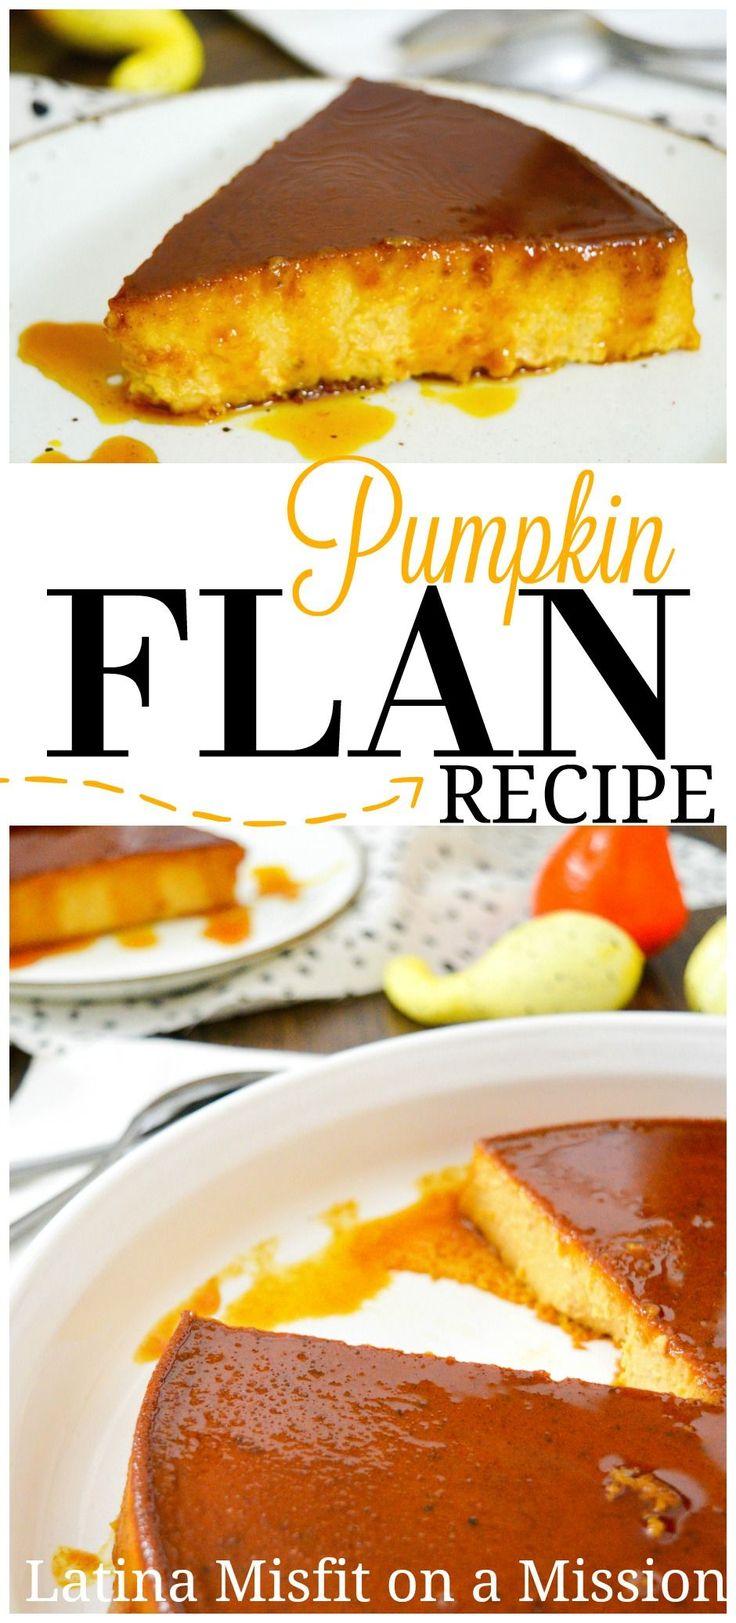 How to make cream cheese pumpkin flan